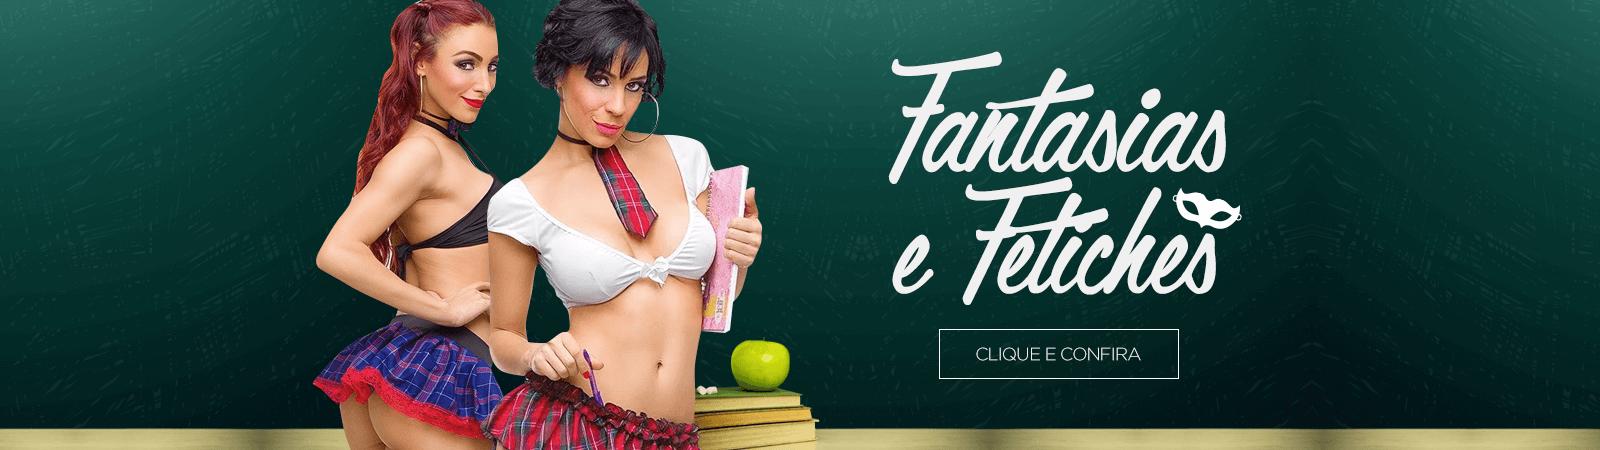 Banner Fantasias e Fetiches - Seu Prazer Shop